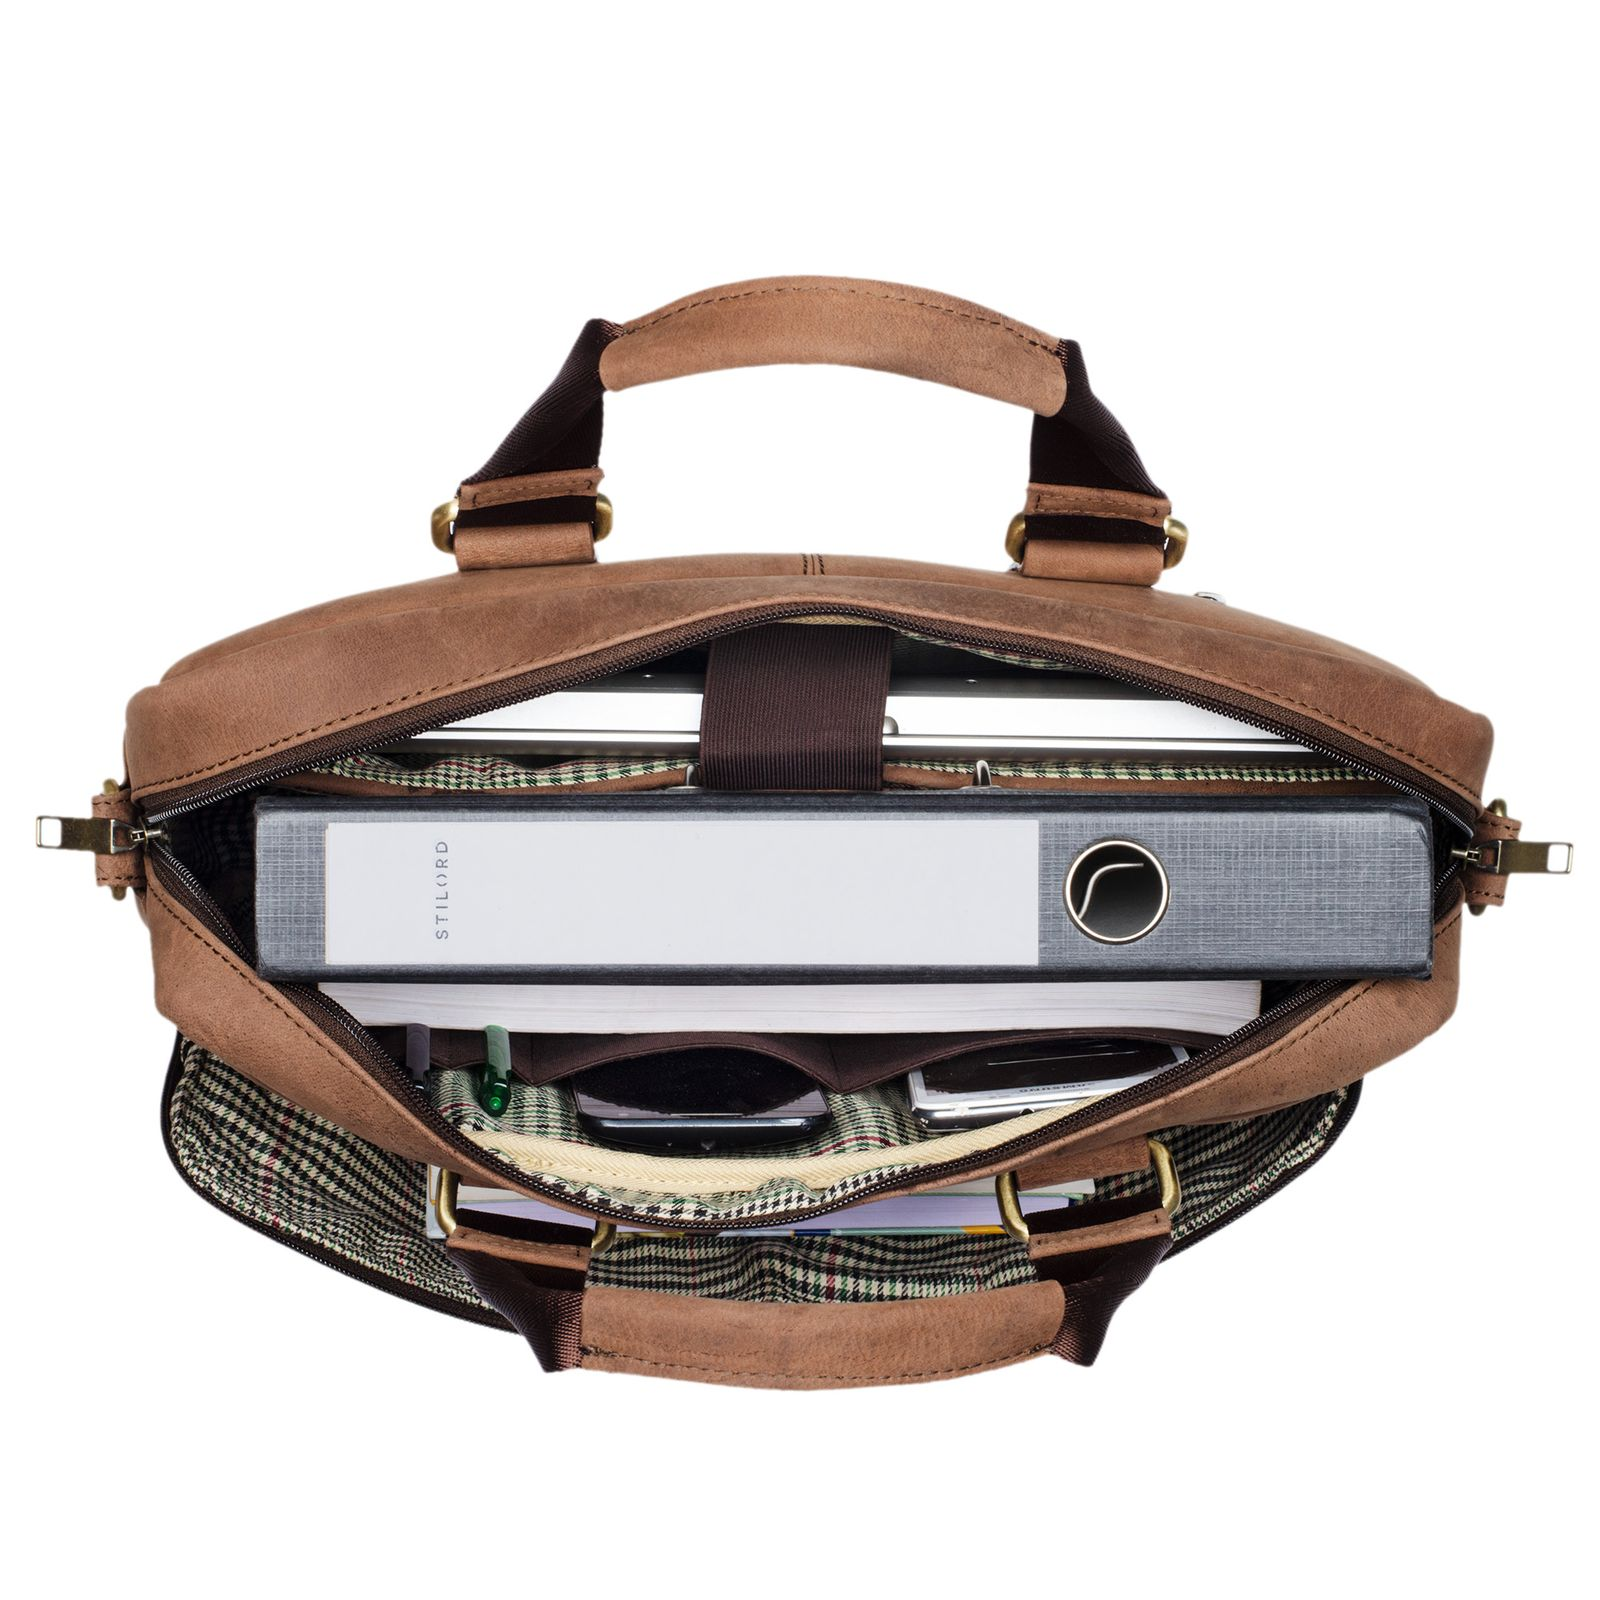 Laptoptasche Businesstasche 14 Zoll